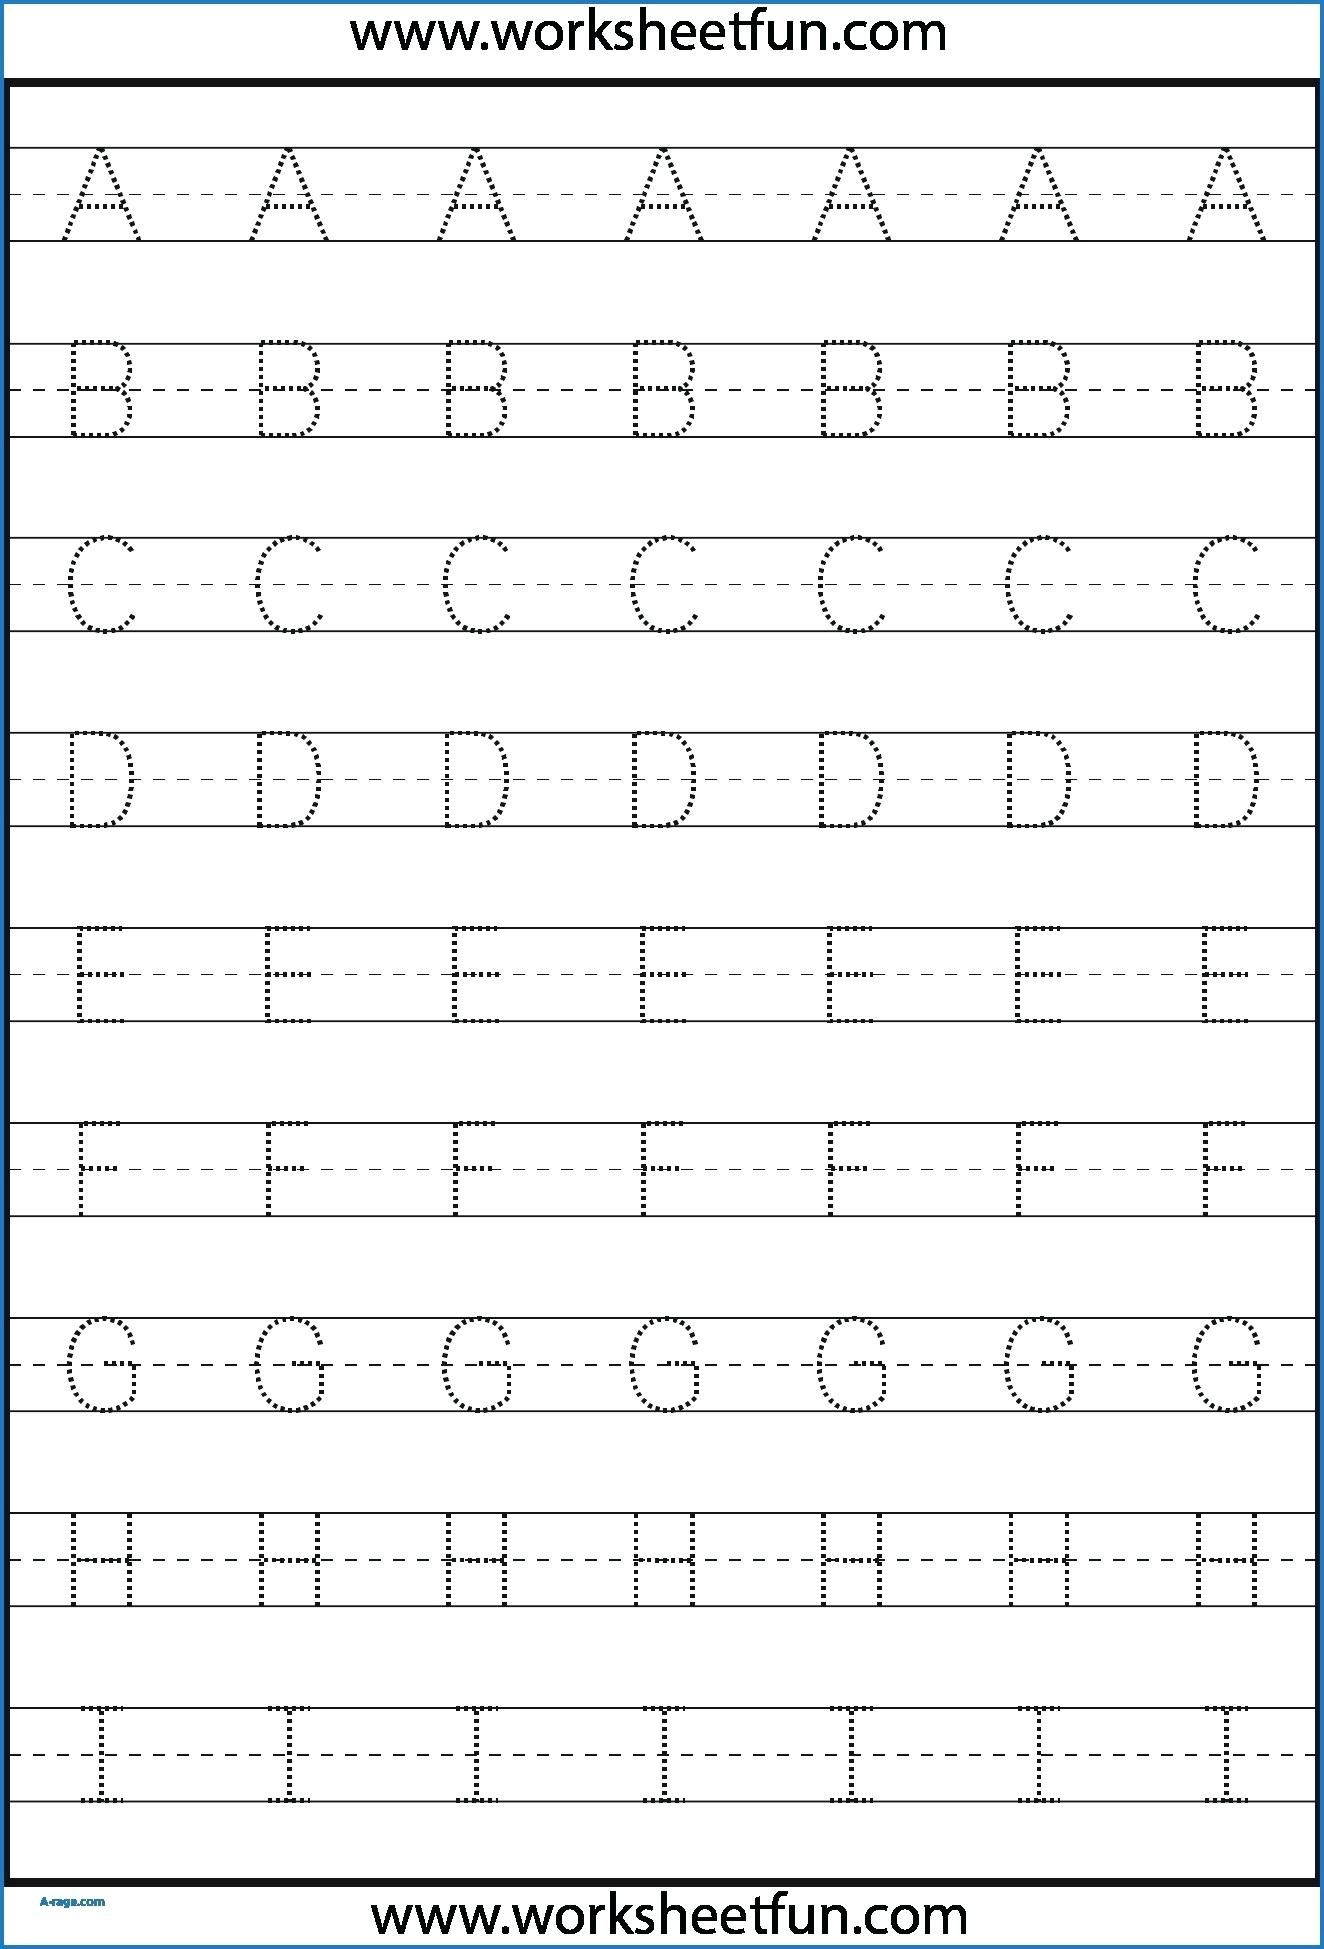 Kindergarten Letter Tracing Worksheets Pdf - Wallpaper Image throughout Kindergarten Letter Tracing